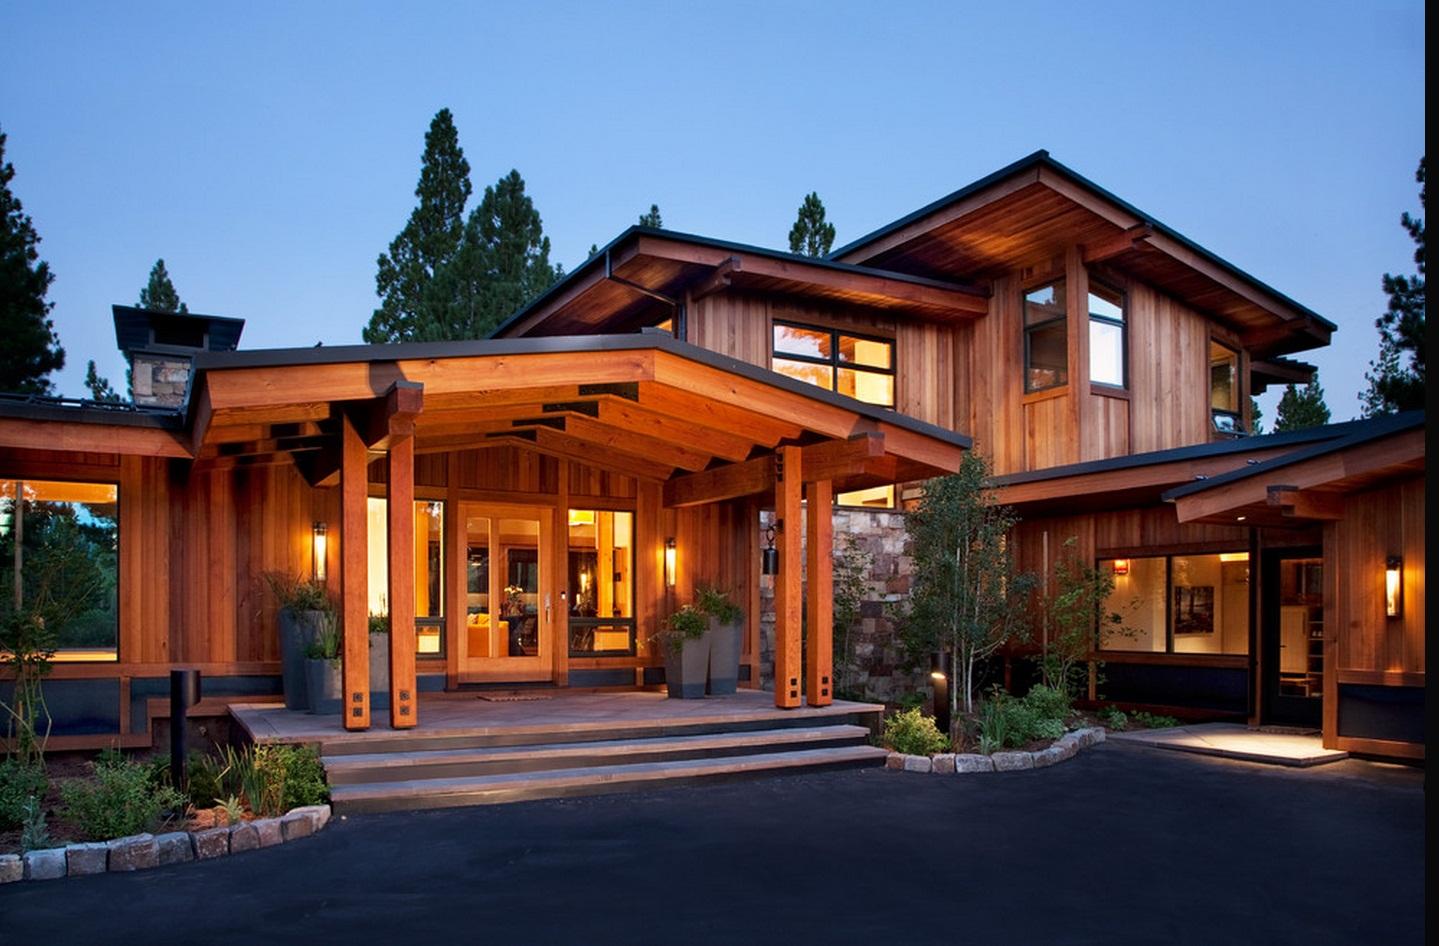 деревянный дом с открытой площадкой